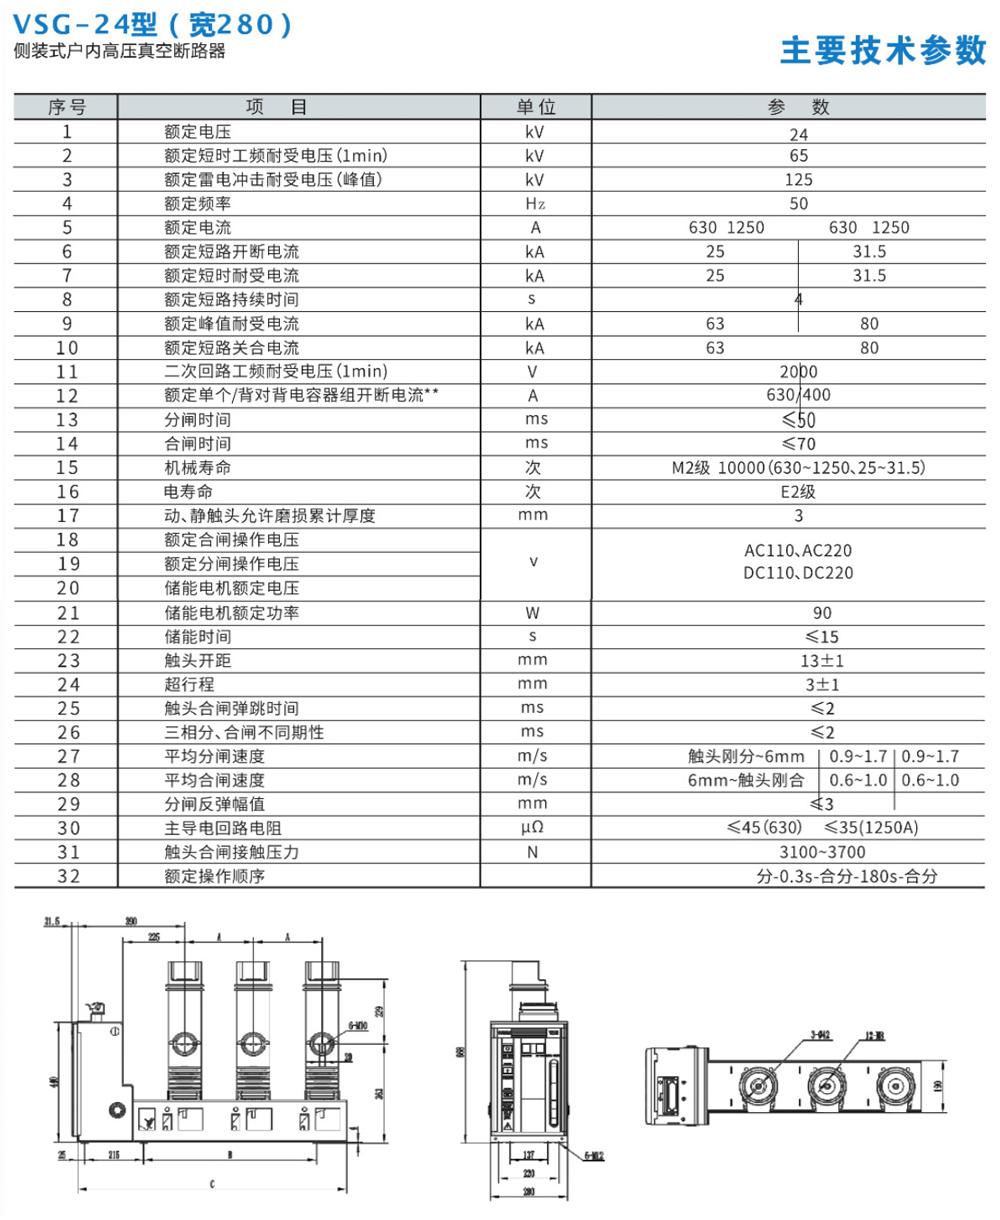 VSG-24型(寬280-)側裝式戶內高壓真空斷路器詳情.jpg